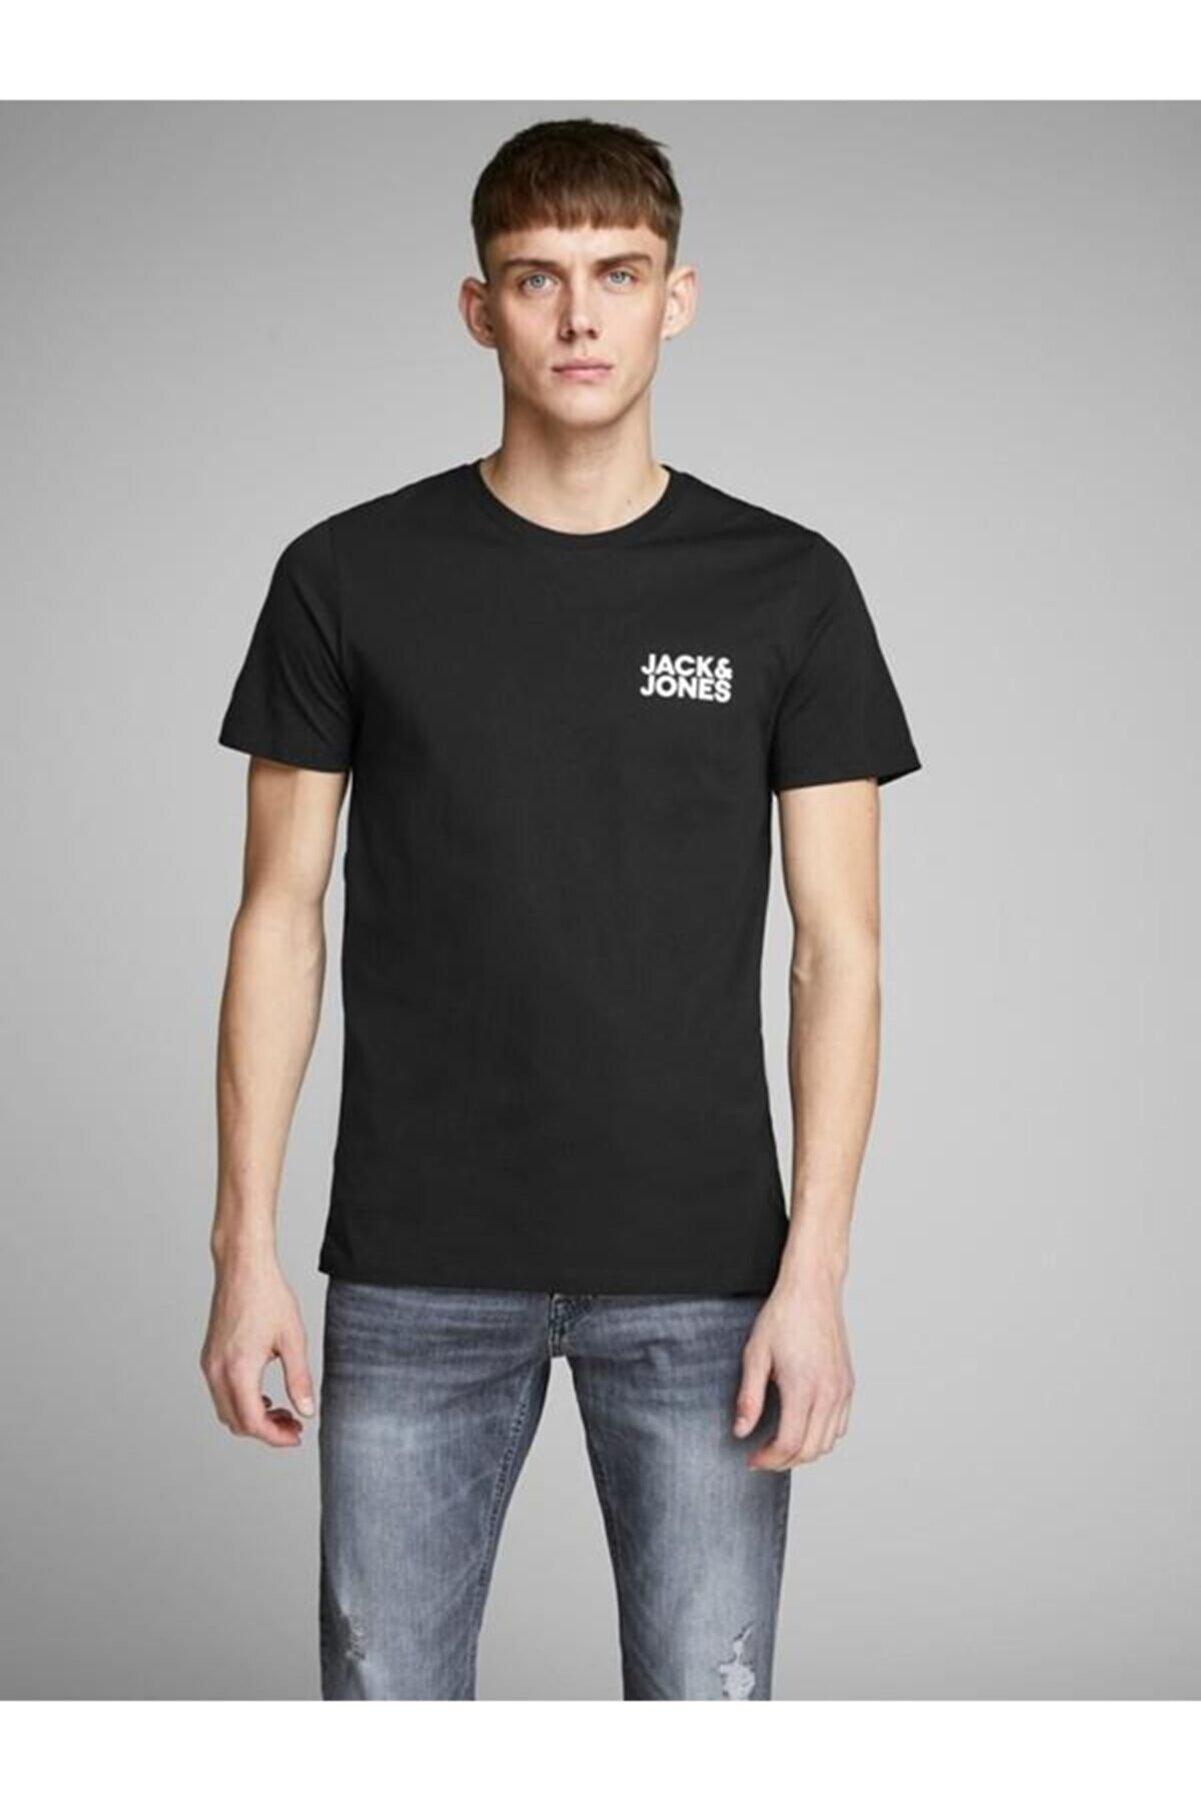 Jack & Jones Erkek Baskılı T Shirt 12151955